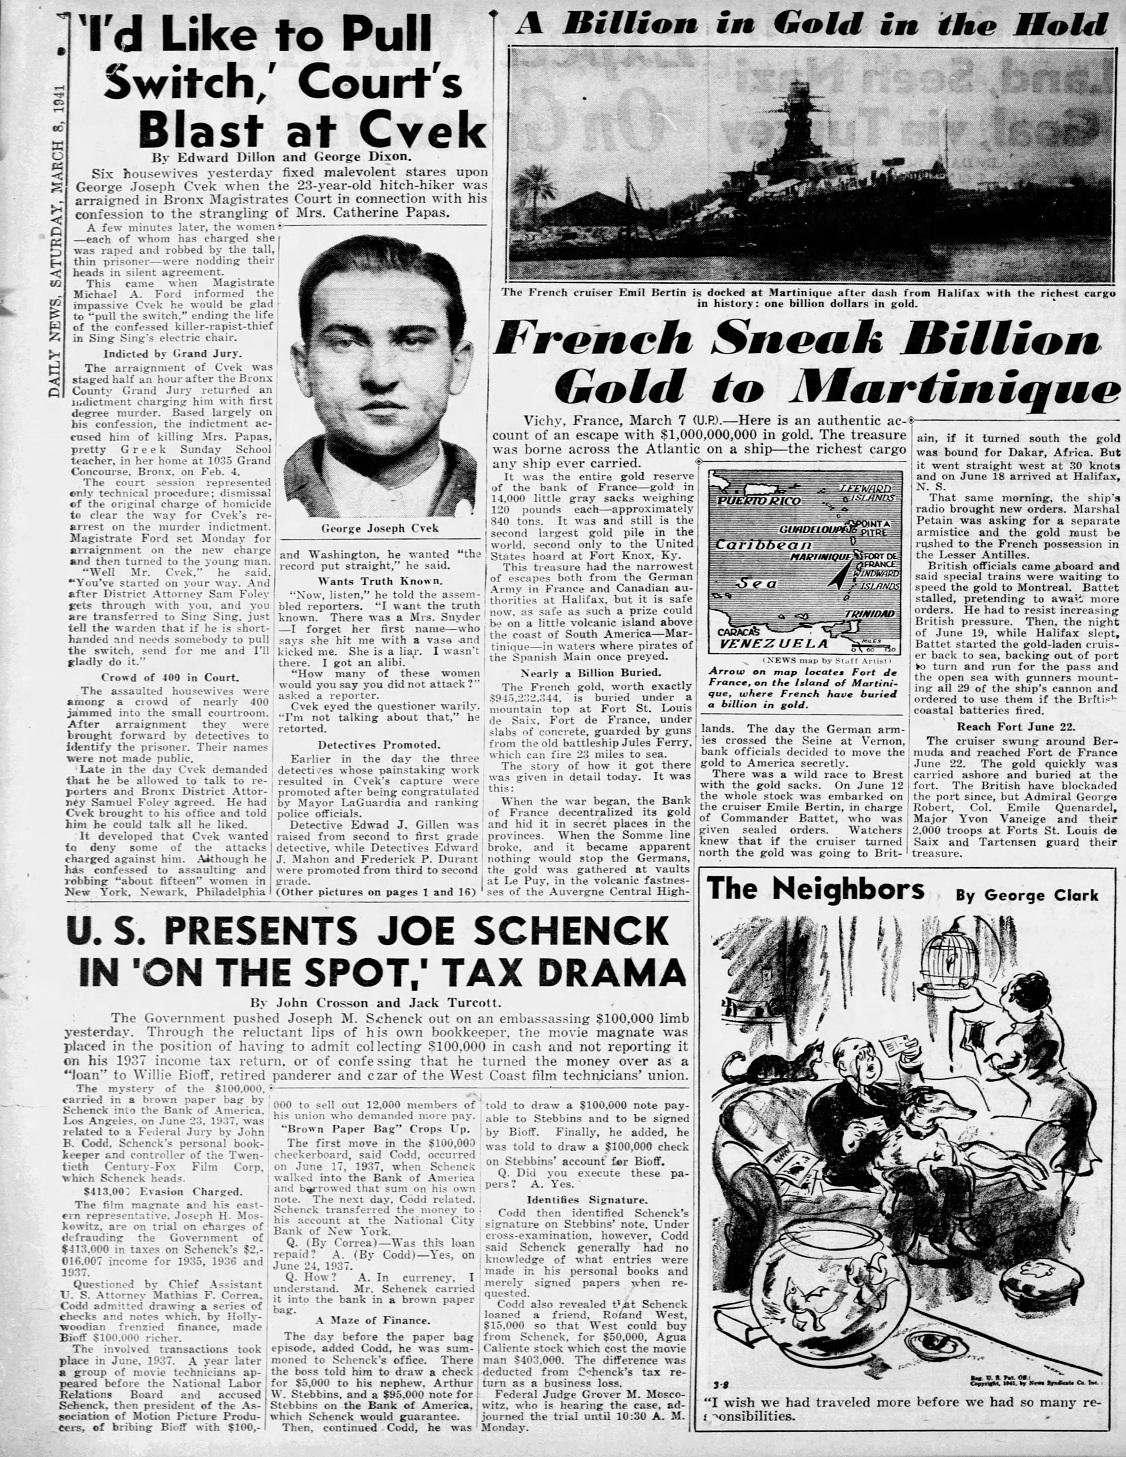 Daily_News_Sat__Mar_8__1941_.jpg